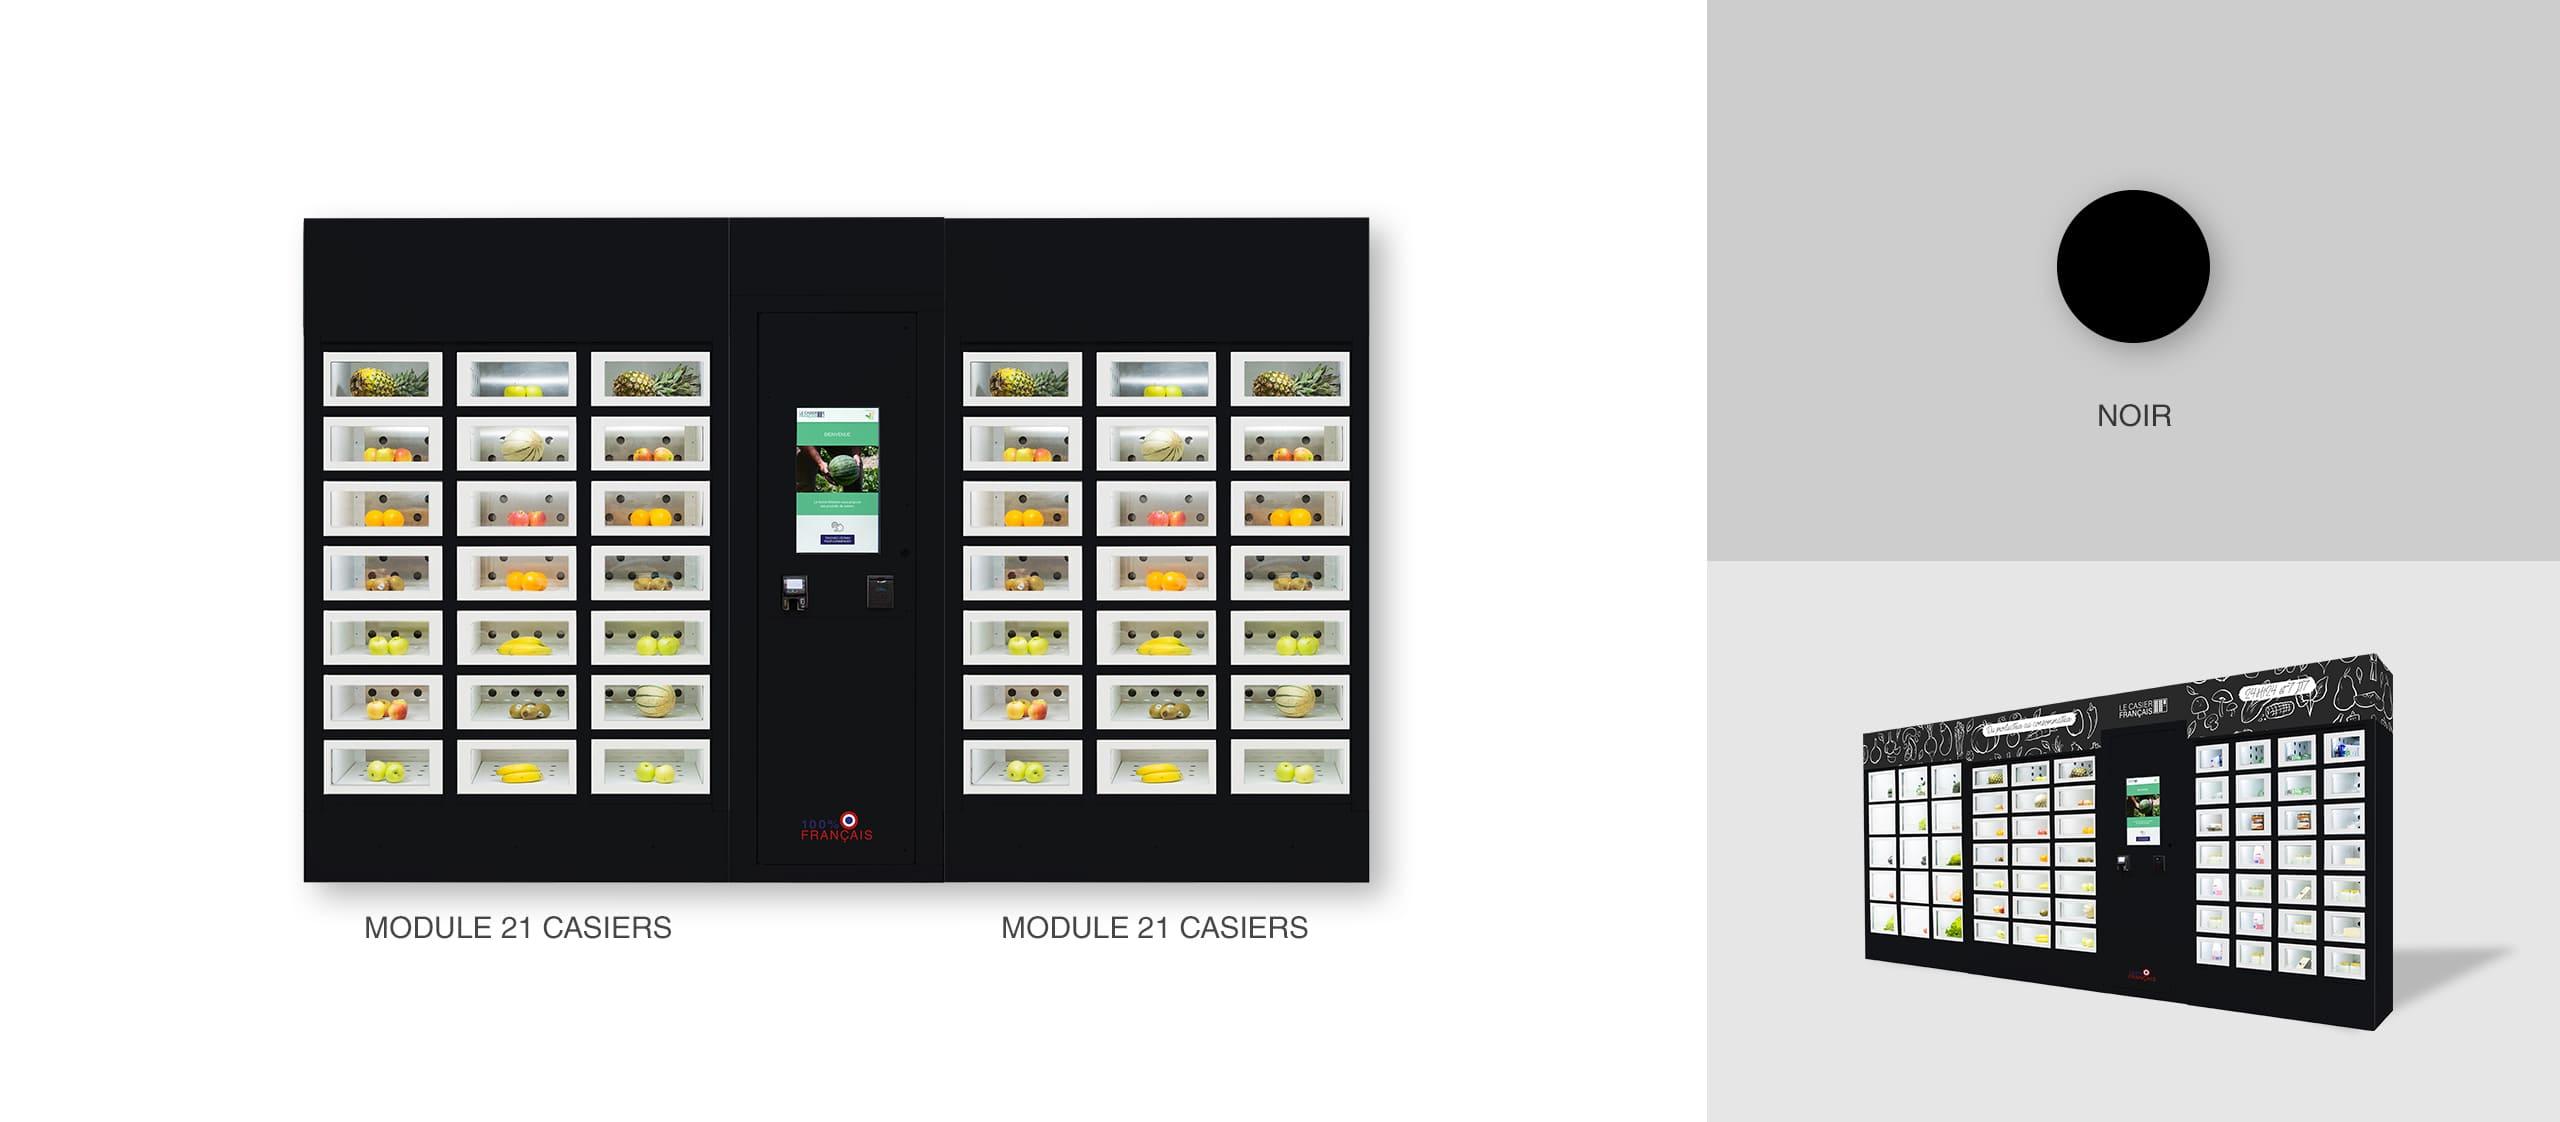 Habillage couleur noire d'un distributeur automatique Le Casier Français